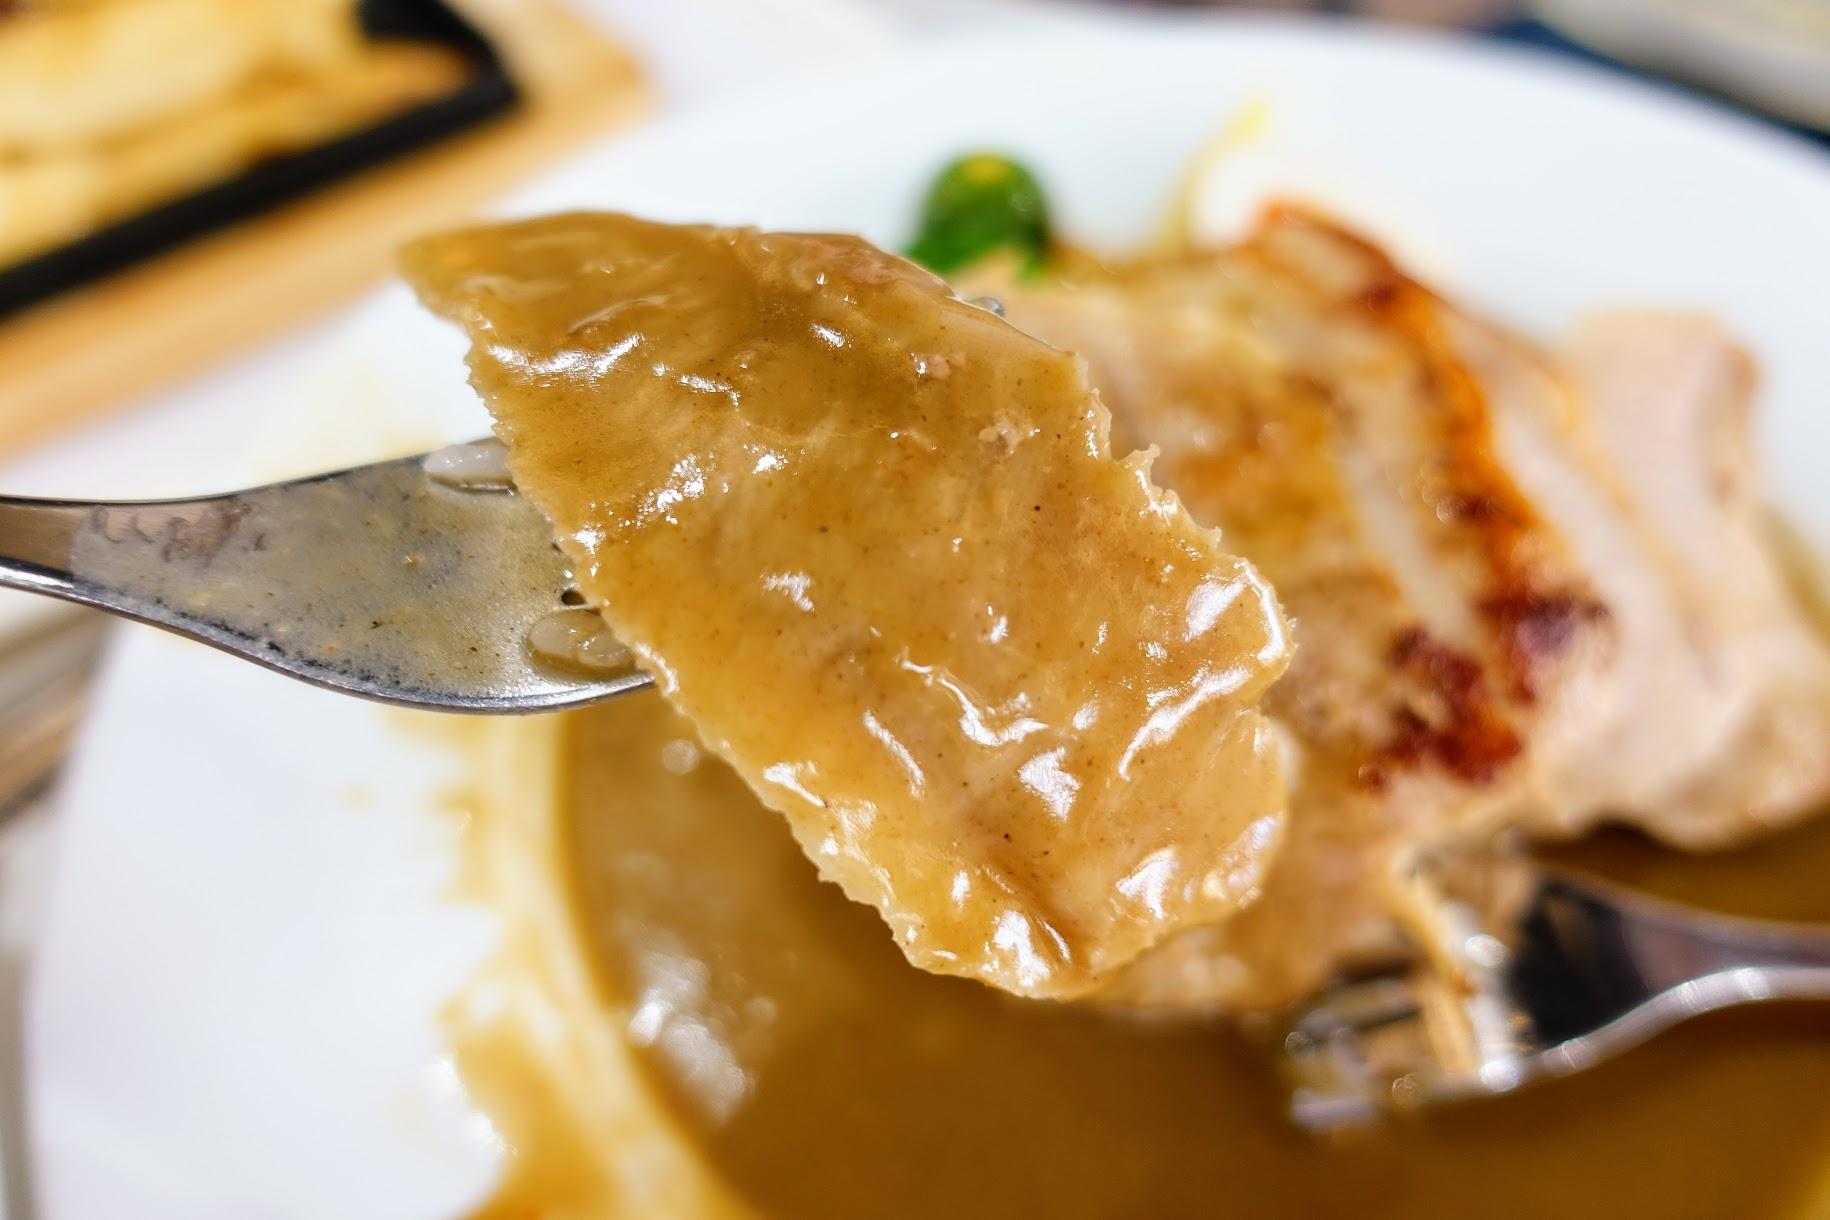 這一盤是飯,松板肉很Q,底下的醬汁則是綠咖哩醬